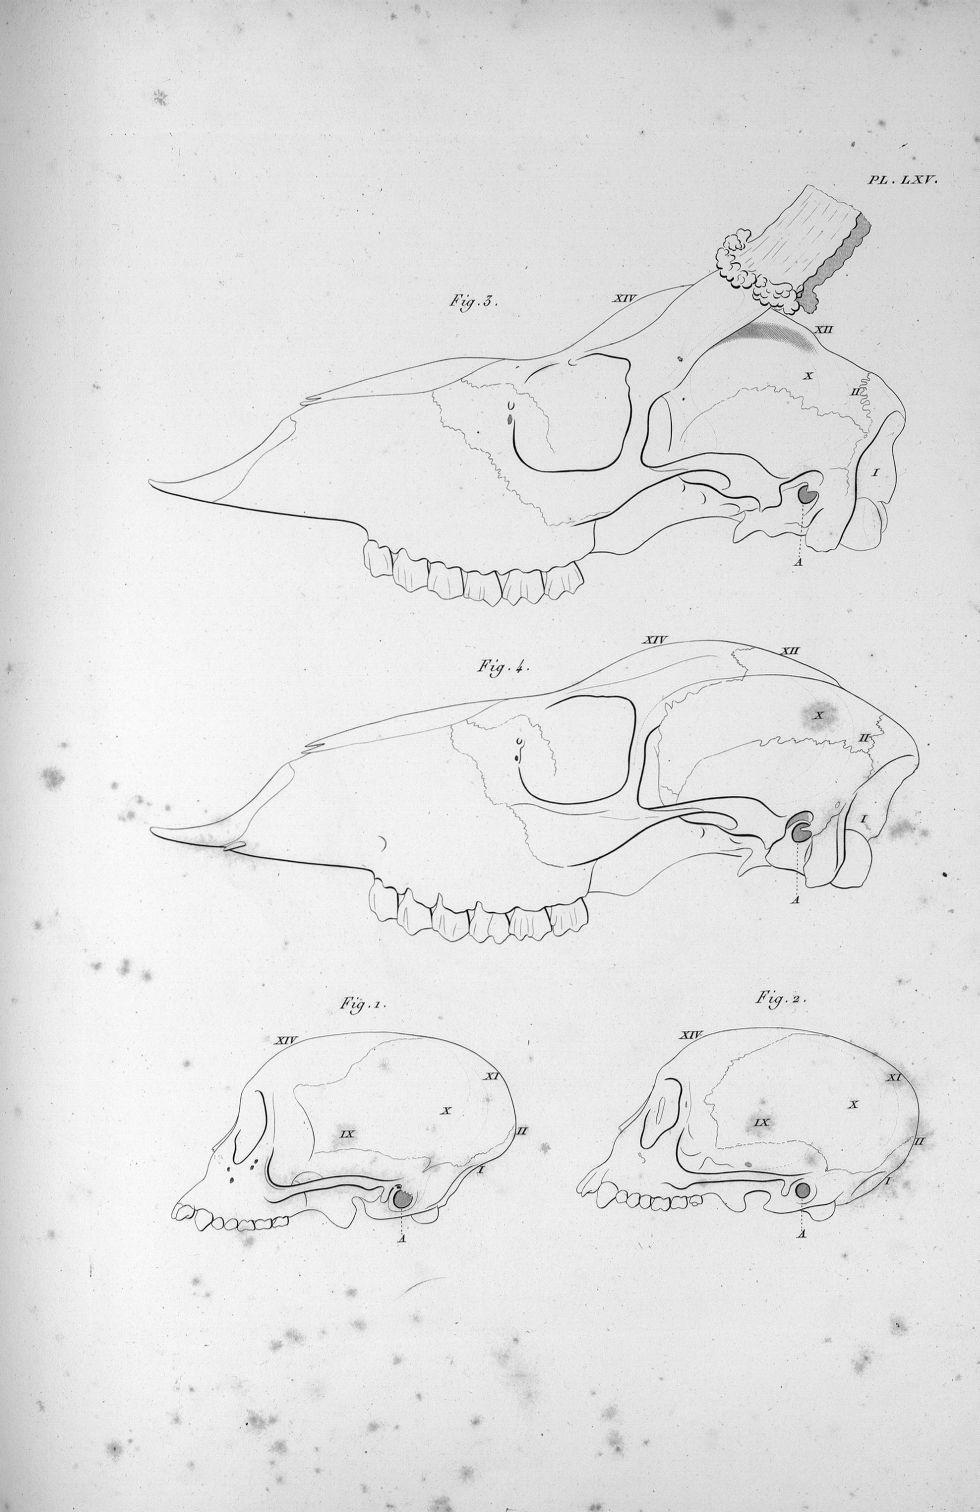 Pl. LXV. Fig. 1. Crâne d'un singe mâle / Fig. 2. D'un singe femelle / Fig. 3. Du chevreuil / Fig. 4. [...] - Anatomie. Neurologie. Crânes. Animal, animaux. Phrénologie. 19e siècle (France) - med00575x03x0321